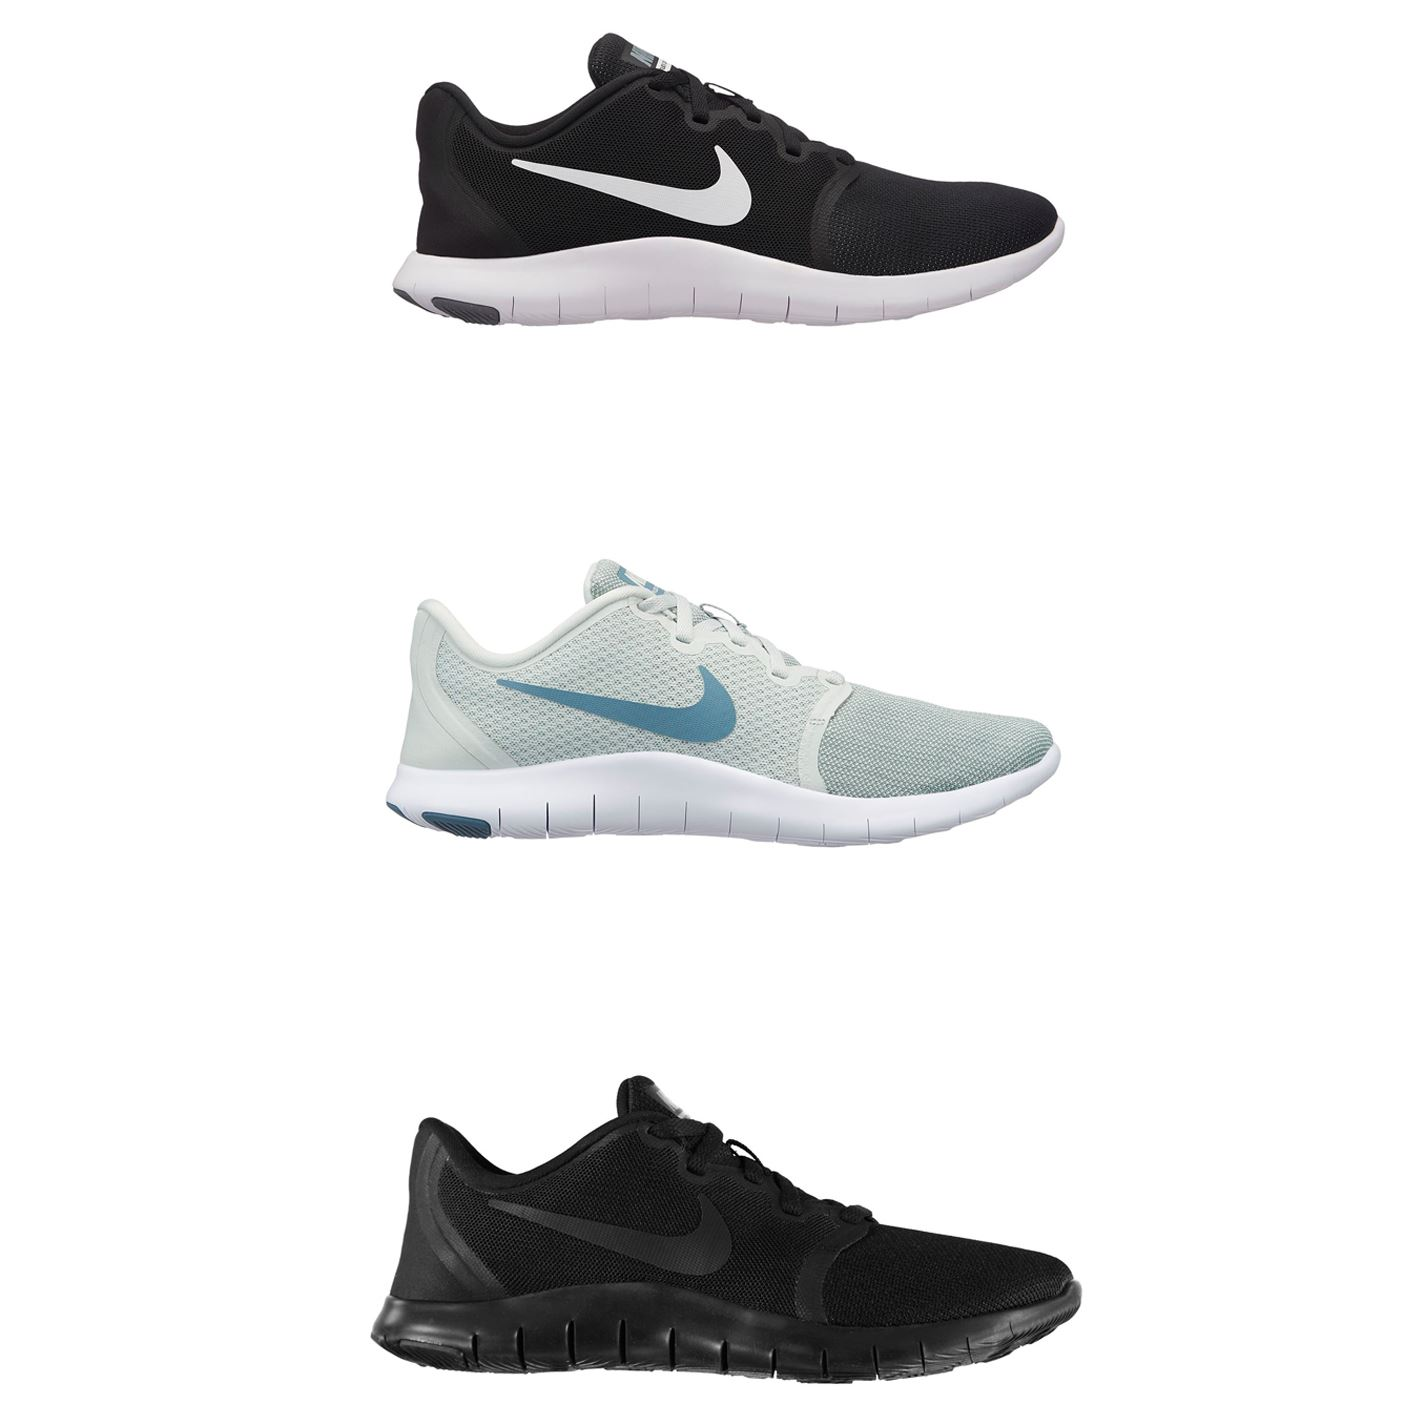 Détails sur Nike Flexible Contact 2 Entraînement Chaussures Femmes Fitness  Gym Basket